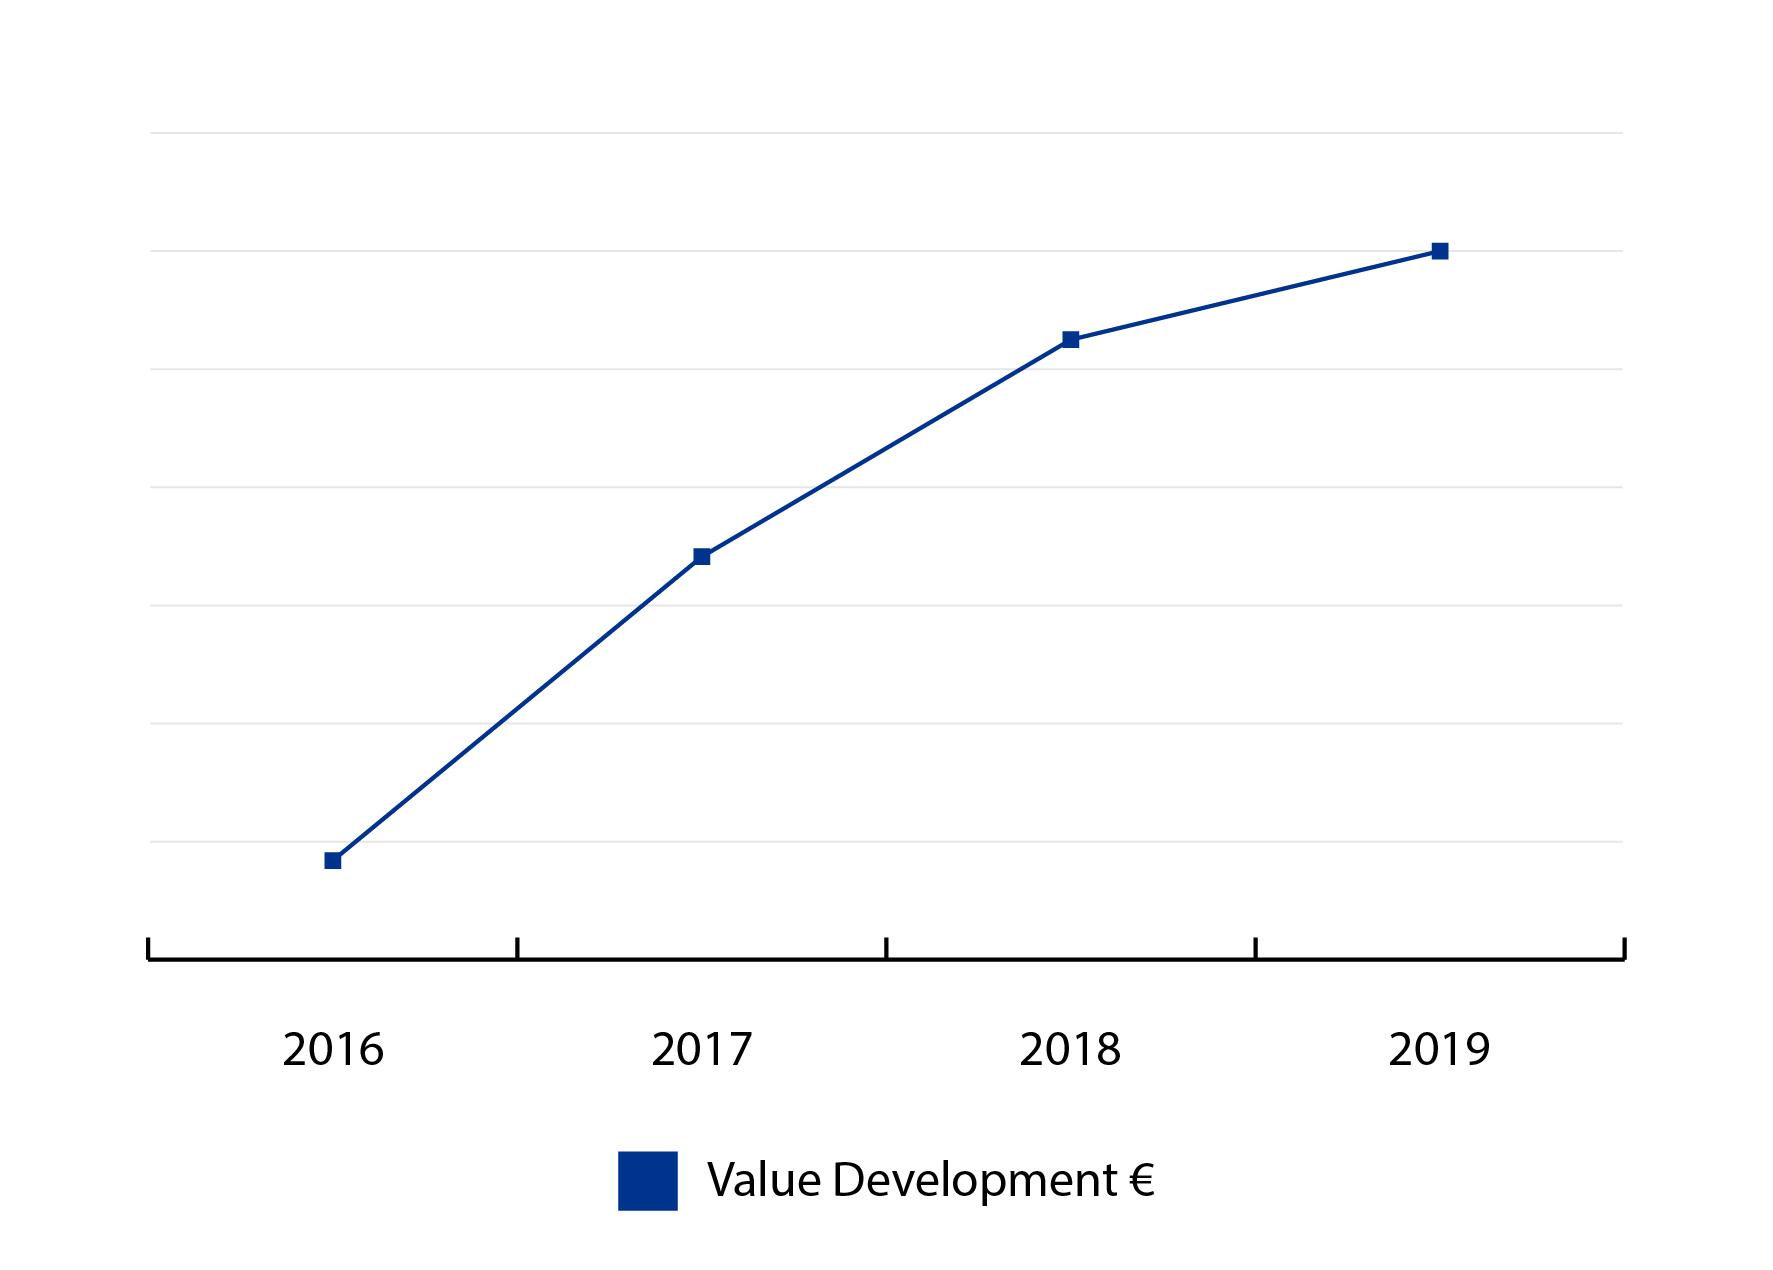 Spinnerij Value Development